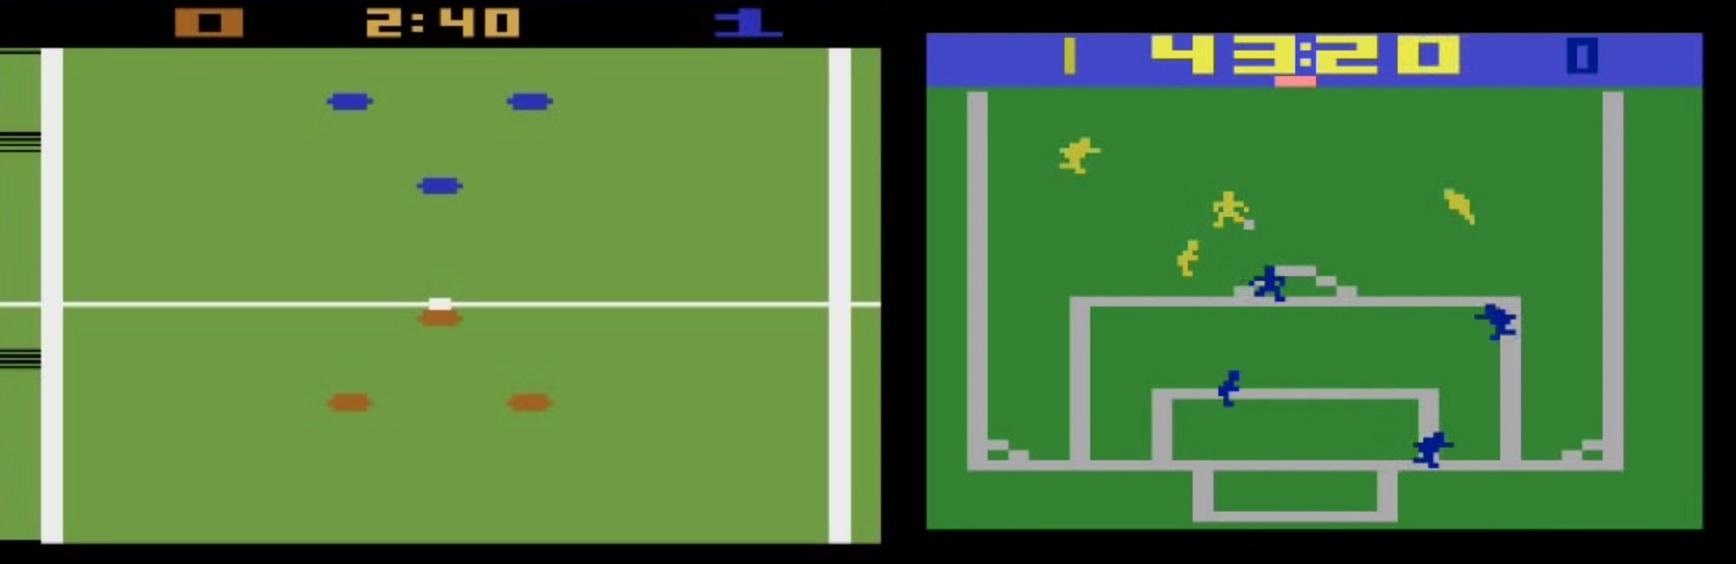 Jogos de futebol no Atari